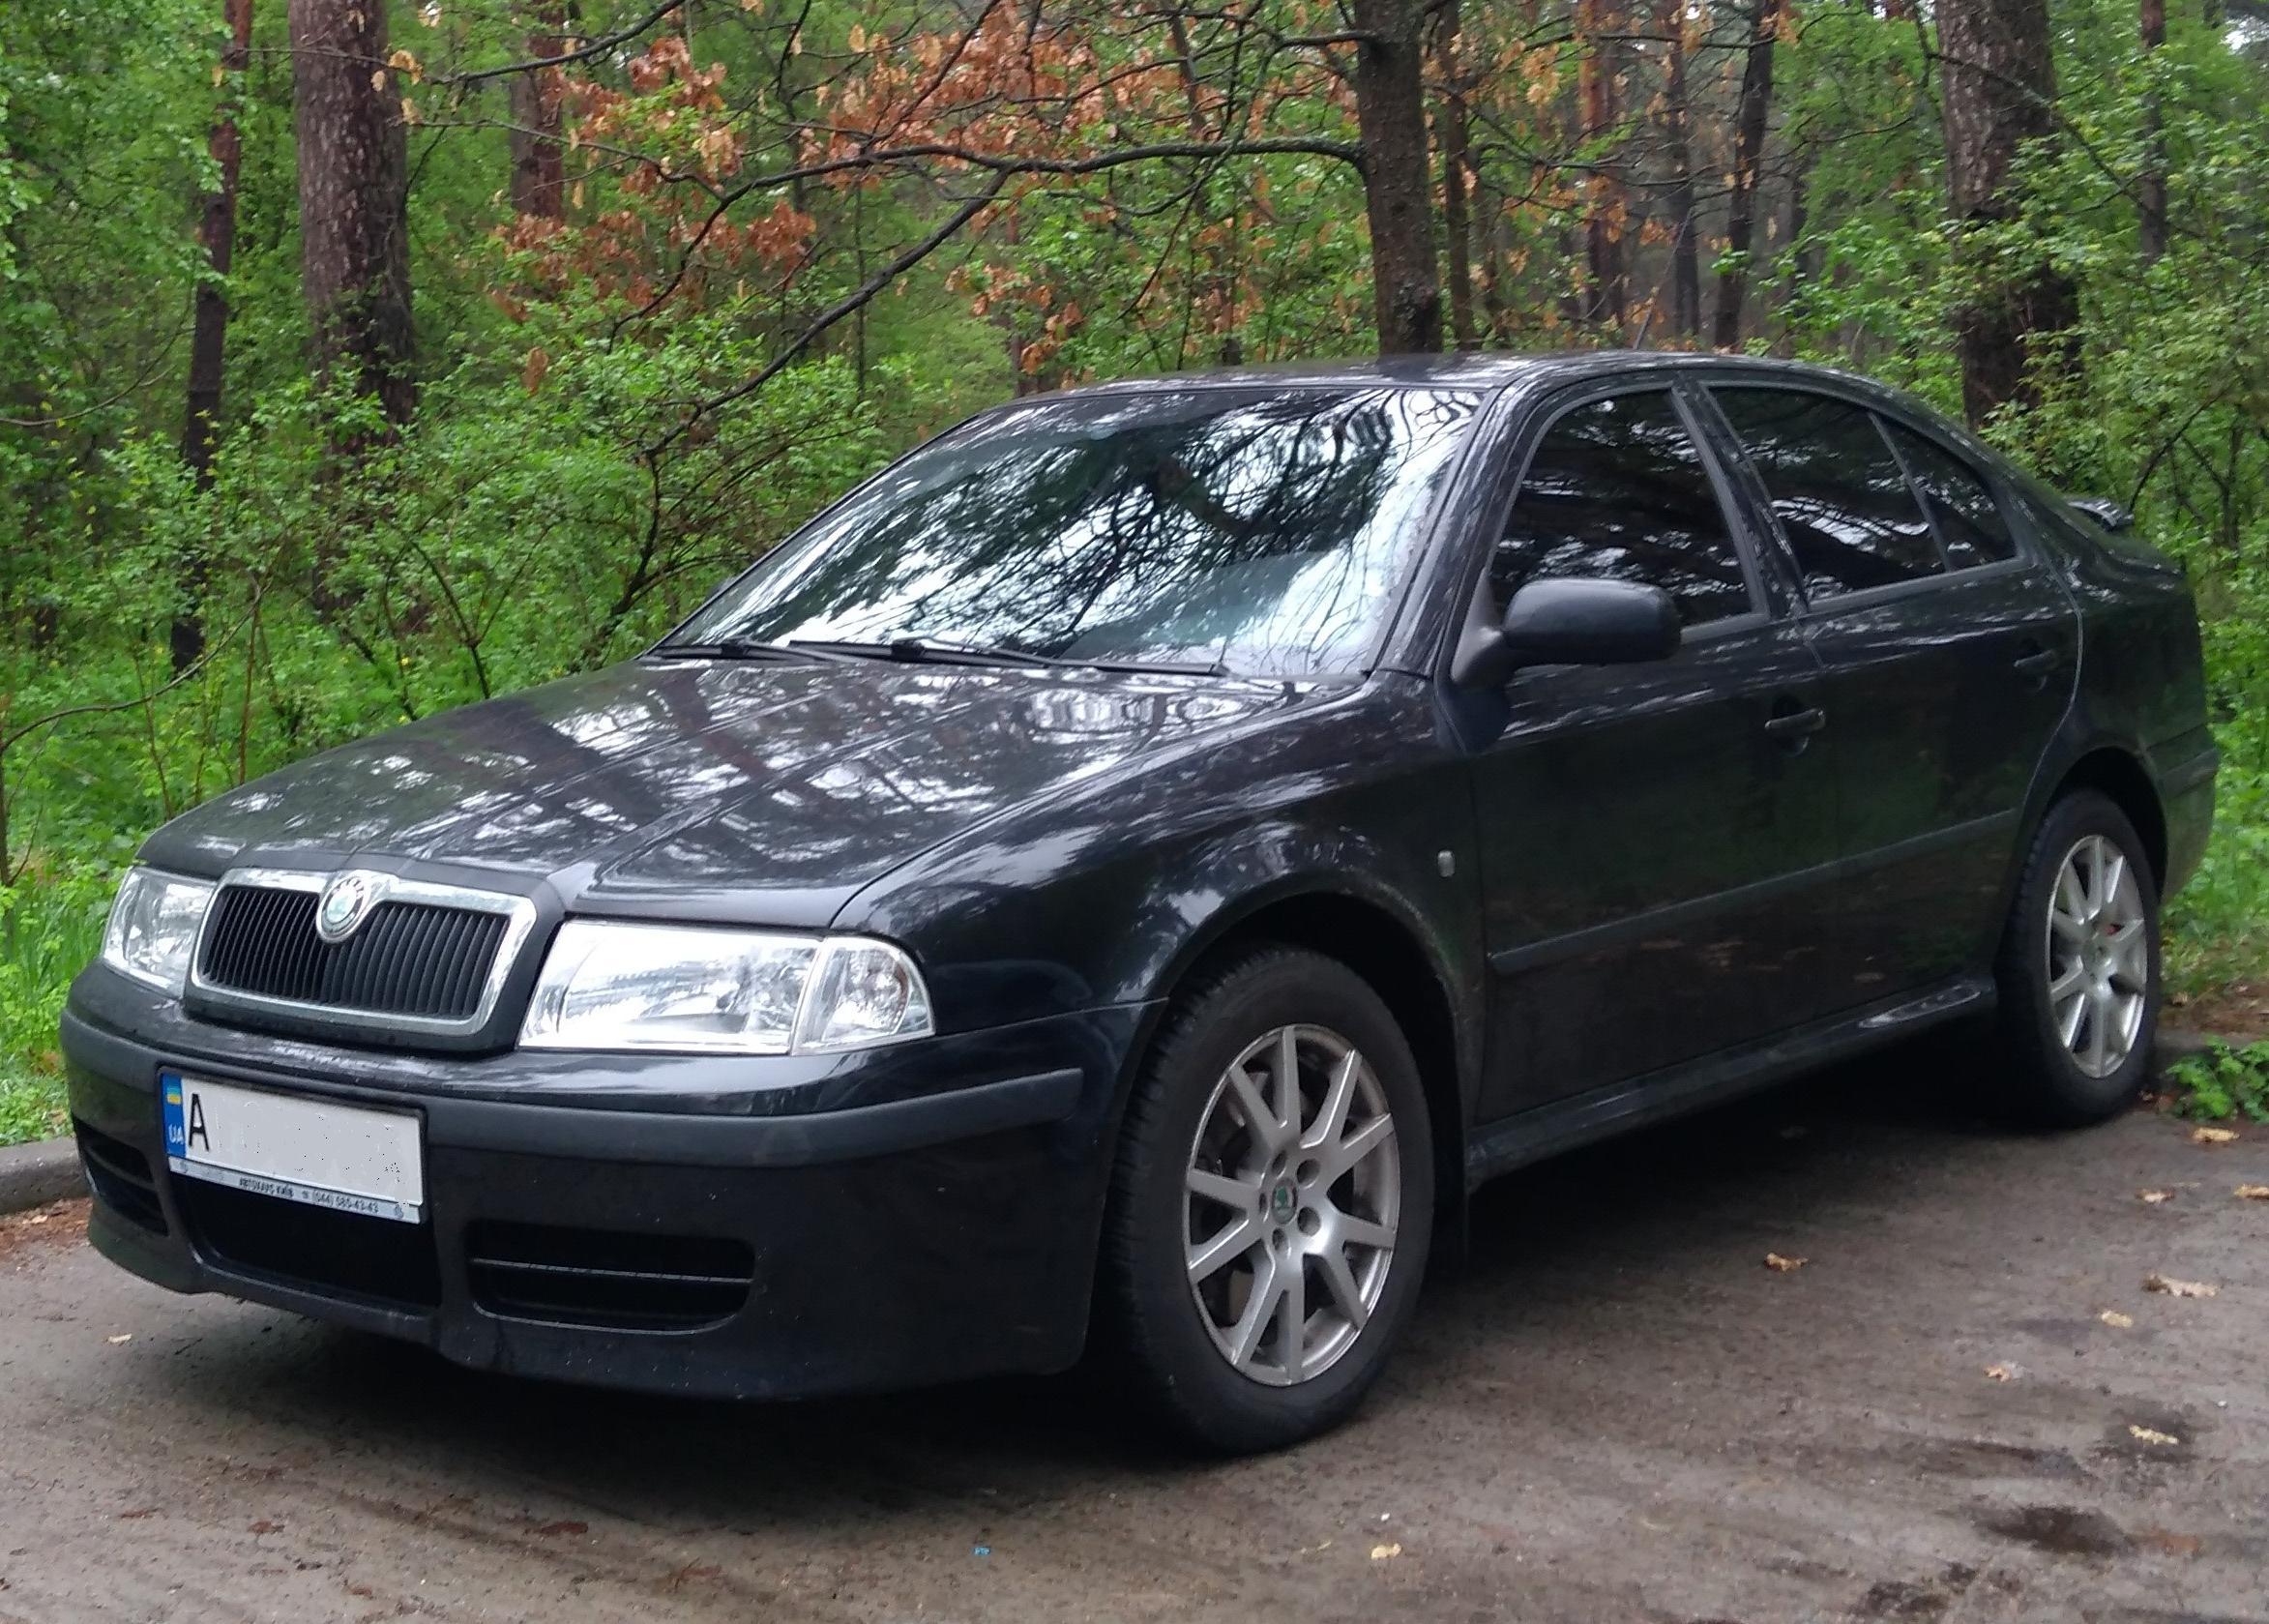 Skoda Octavia A4 в черном цвете